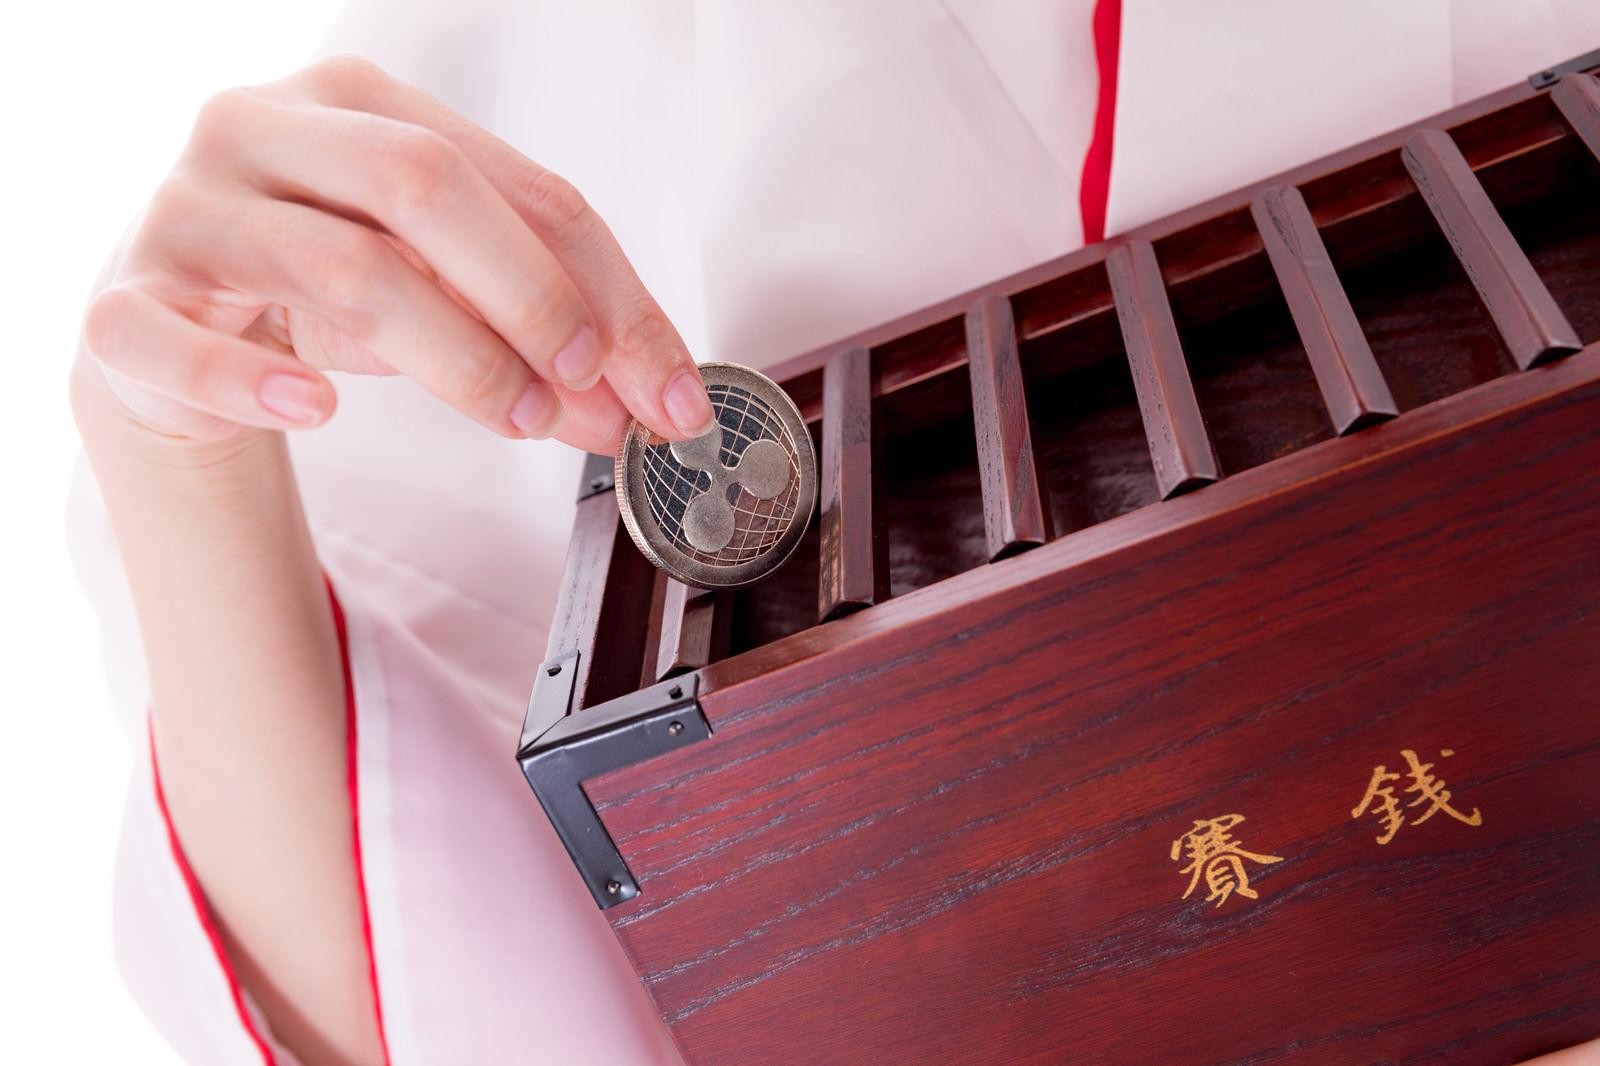 「仮想通貨(リップル)をお賽銭」の写真[モデル:緋真煉]